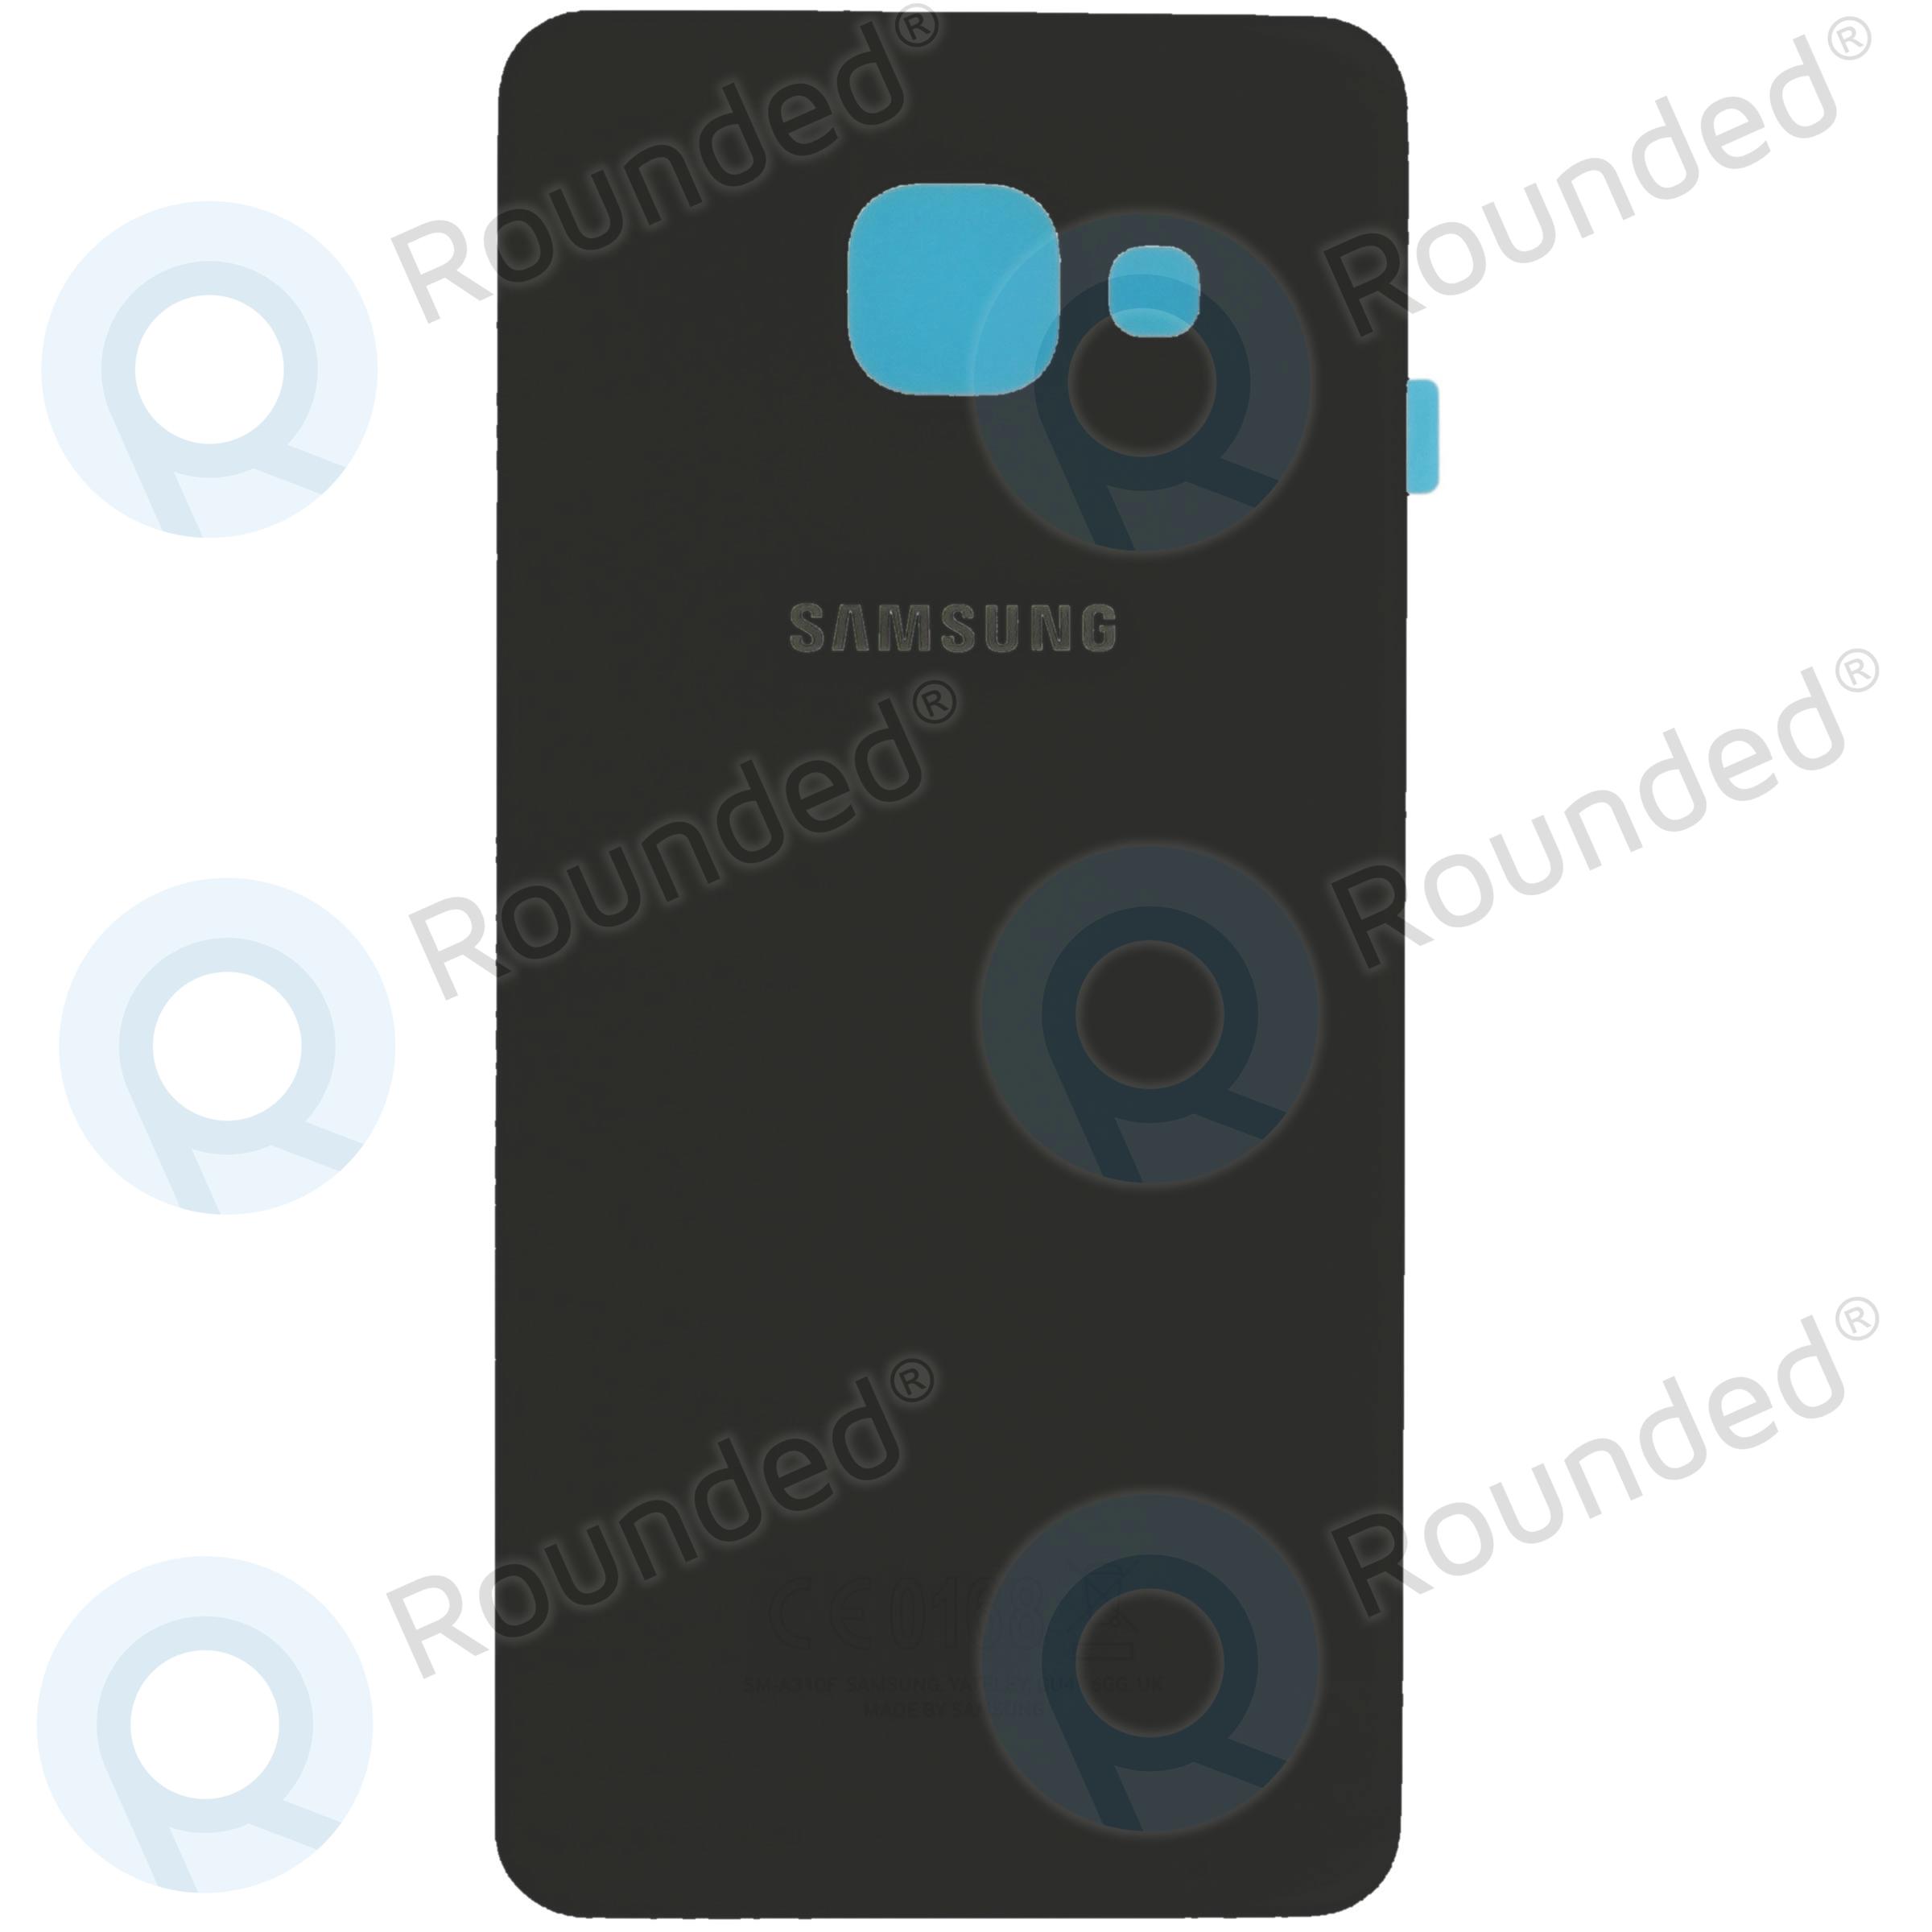 competitive price ecbbf 3e5e5 Samsung Galaxy A3 2016 (SM-A310F) Battery cover black GH82-11093B